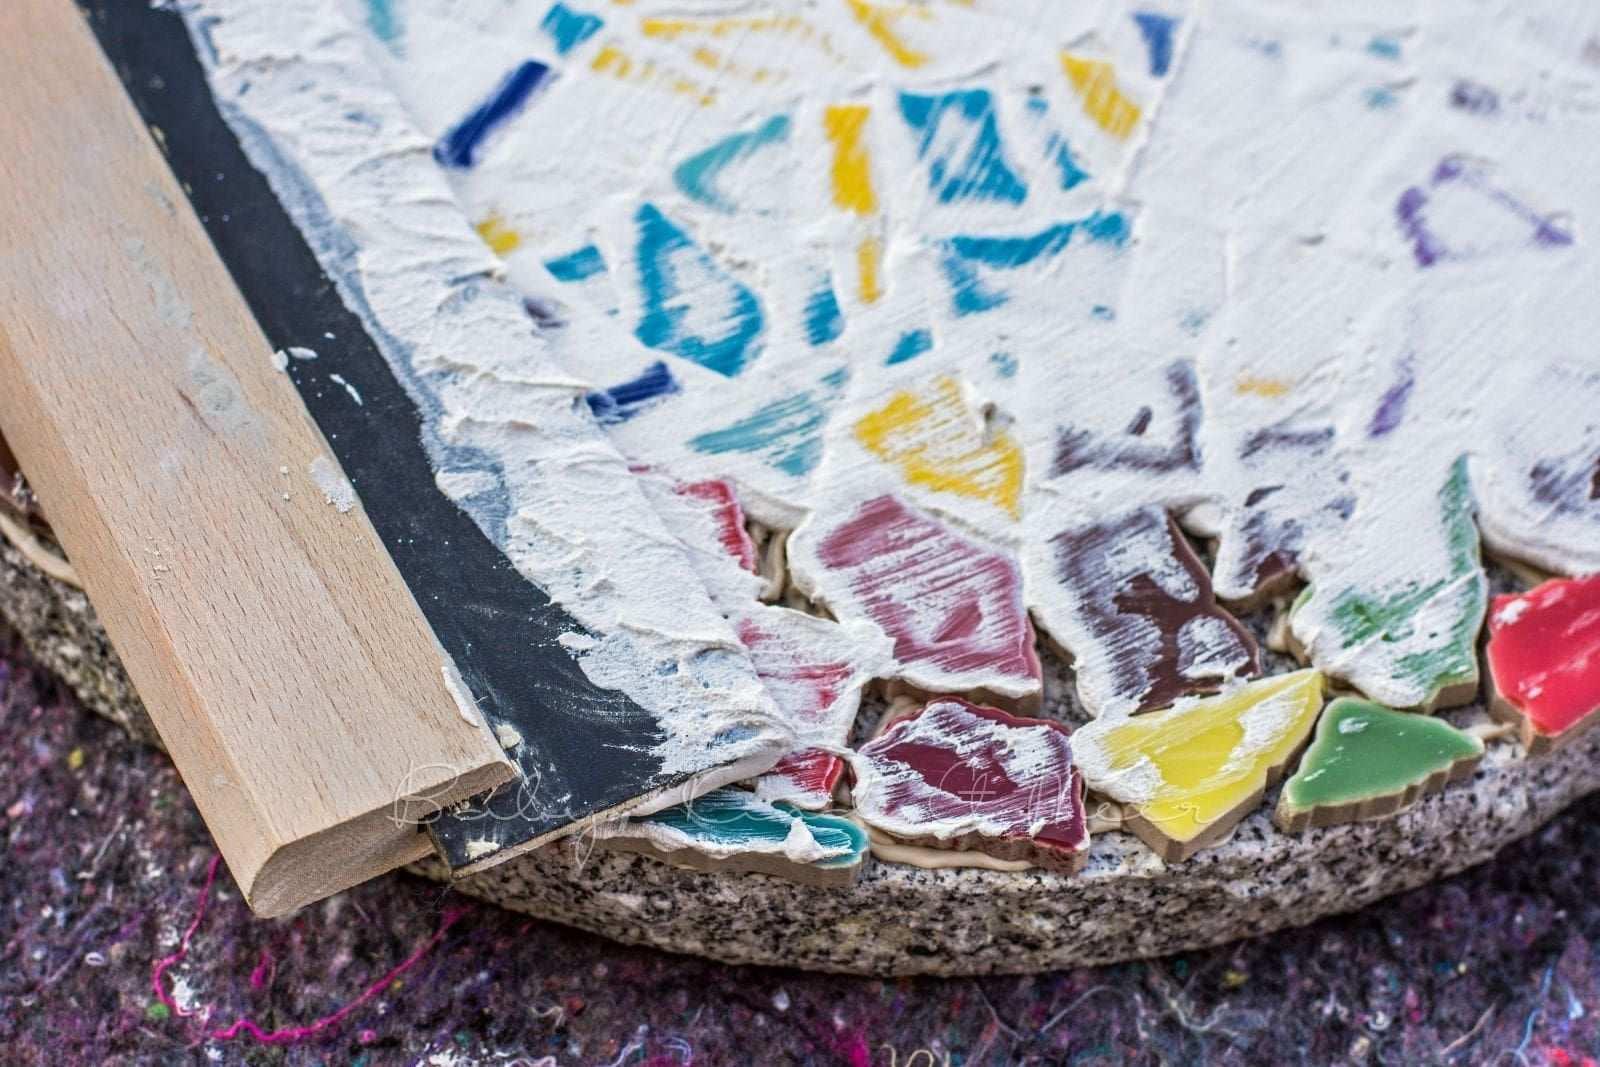 Datenschutzerklarung Stepping Stones Datenschutzerklarung Datenschutzerklarung Musterdatenschutzerklarun In 2020 Gehwegplatten Mosaik Kinder Basteln Garten